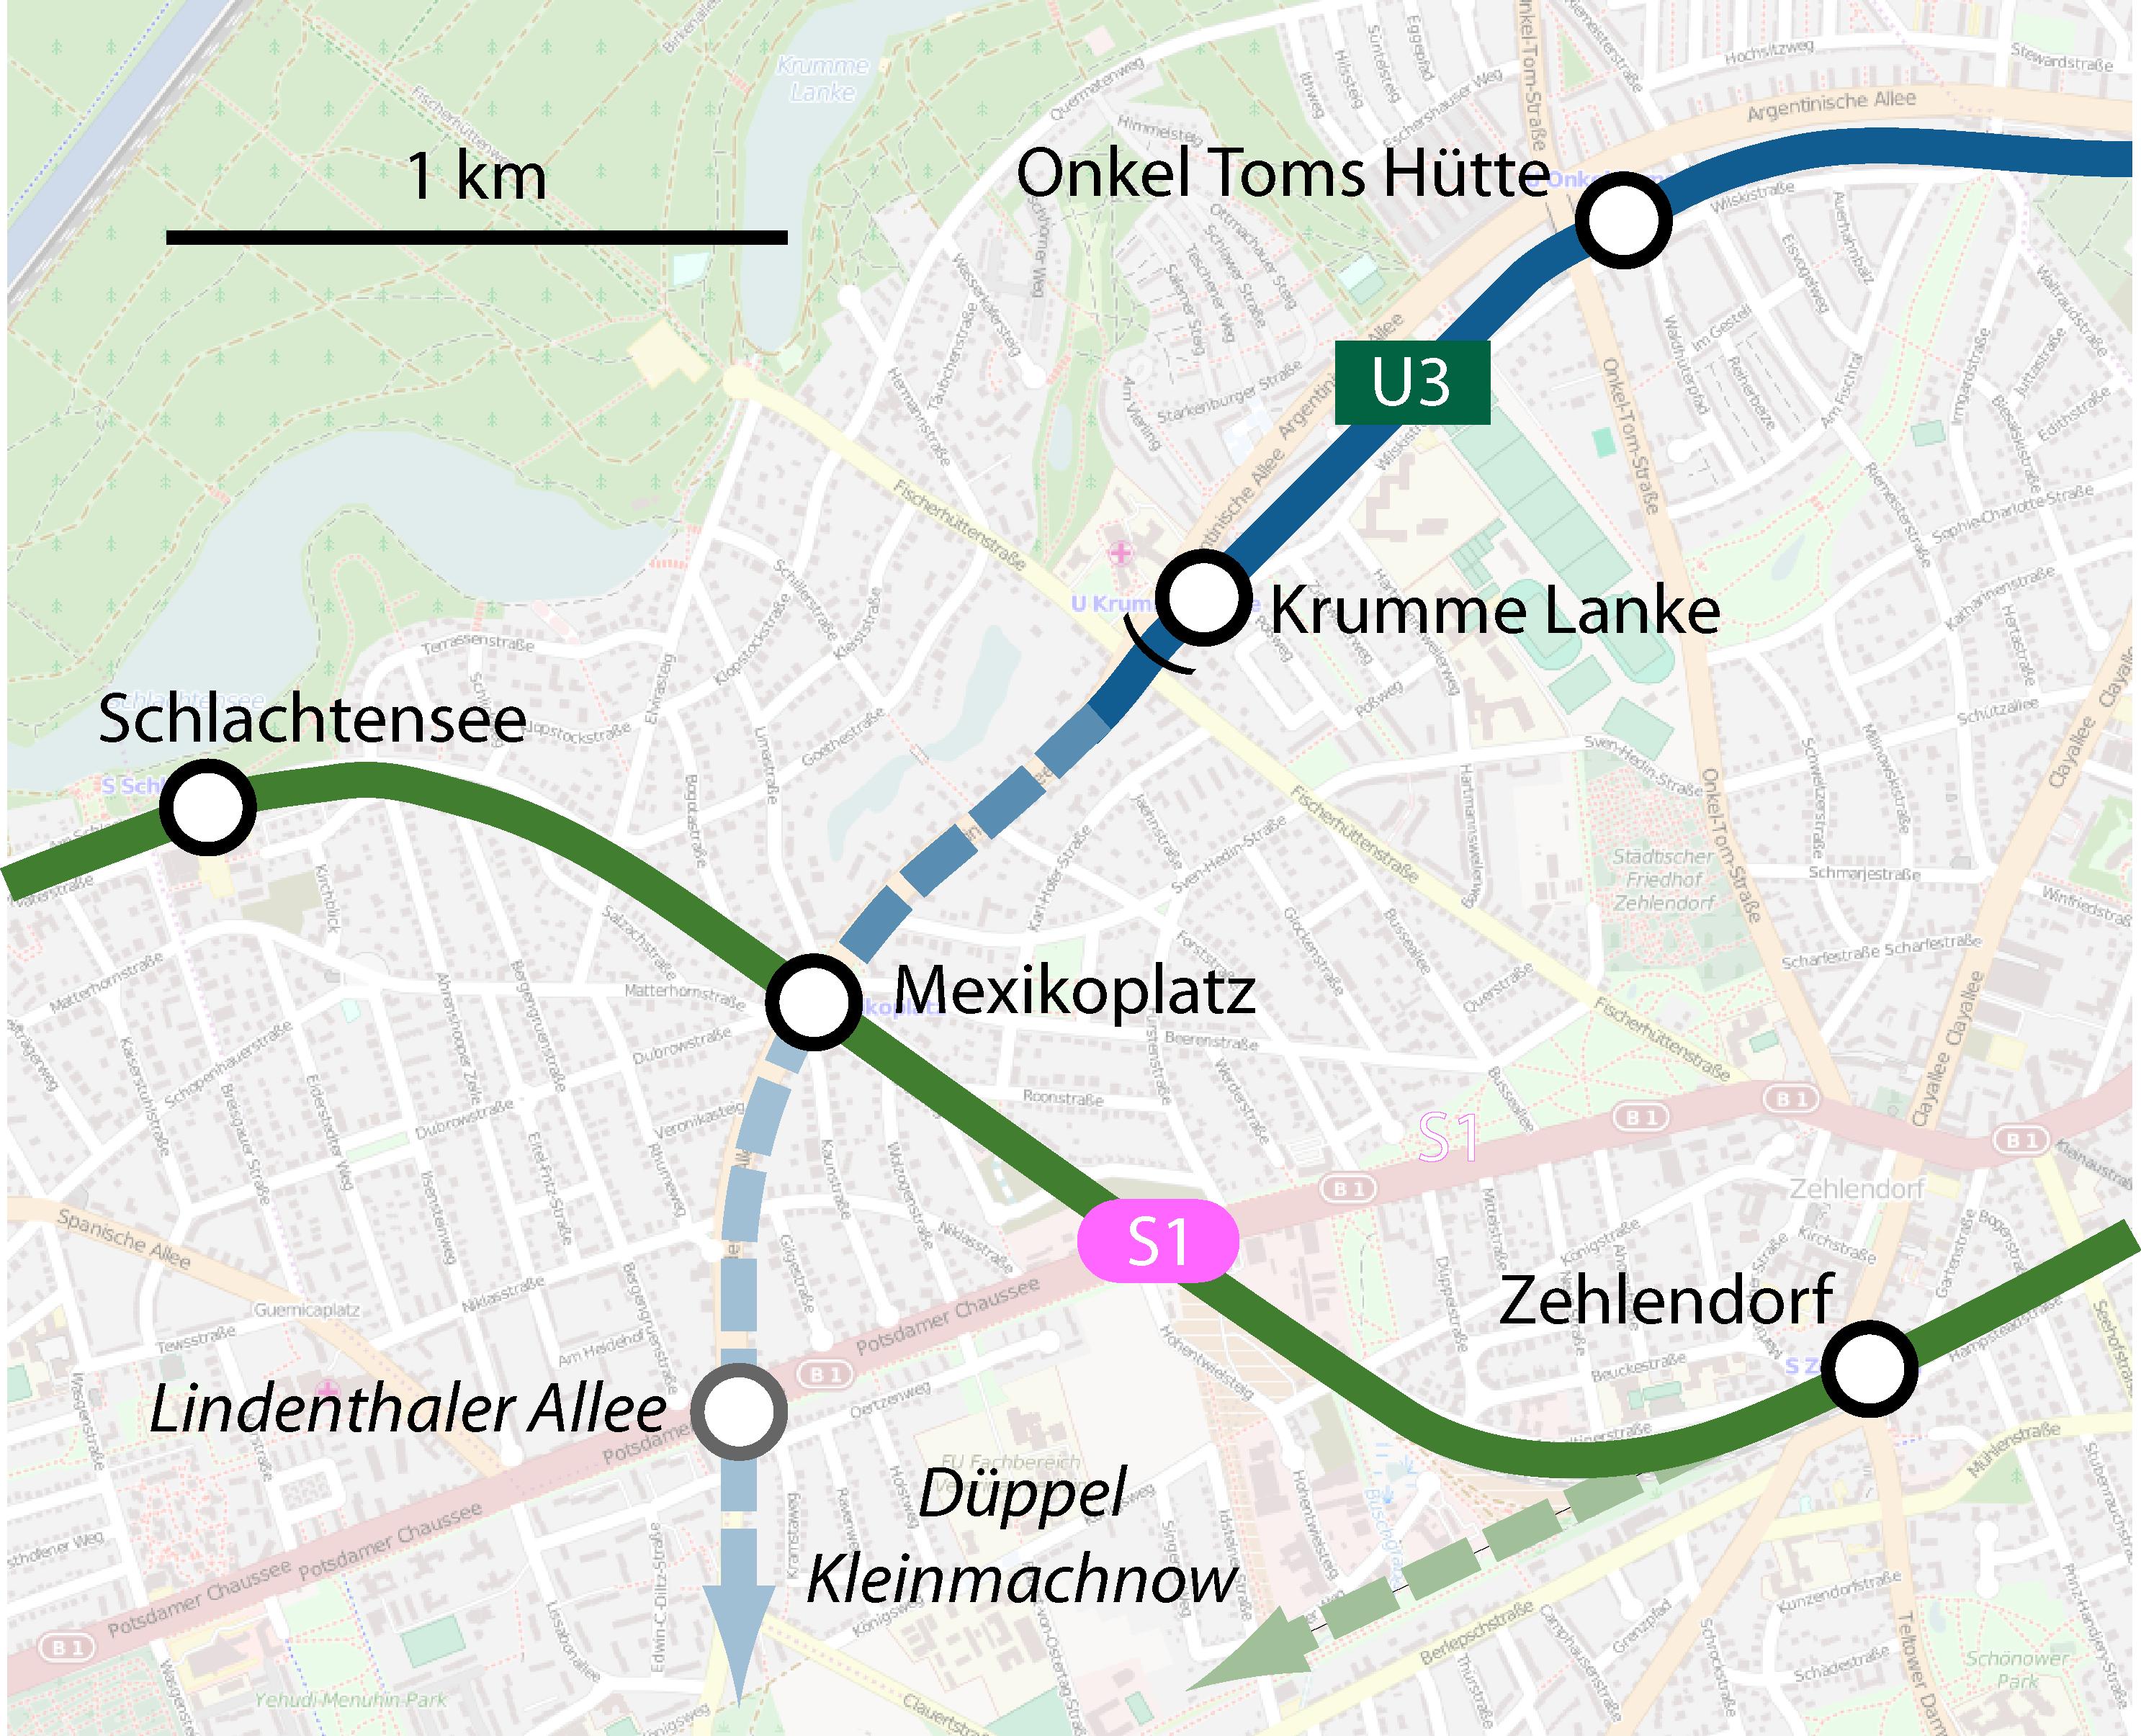 Ausbauoptionen Berlin Schienenverkehr Zehlendorf Steglitz S-Bahn U-Bahn